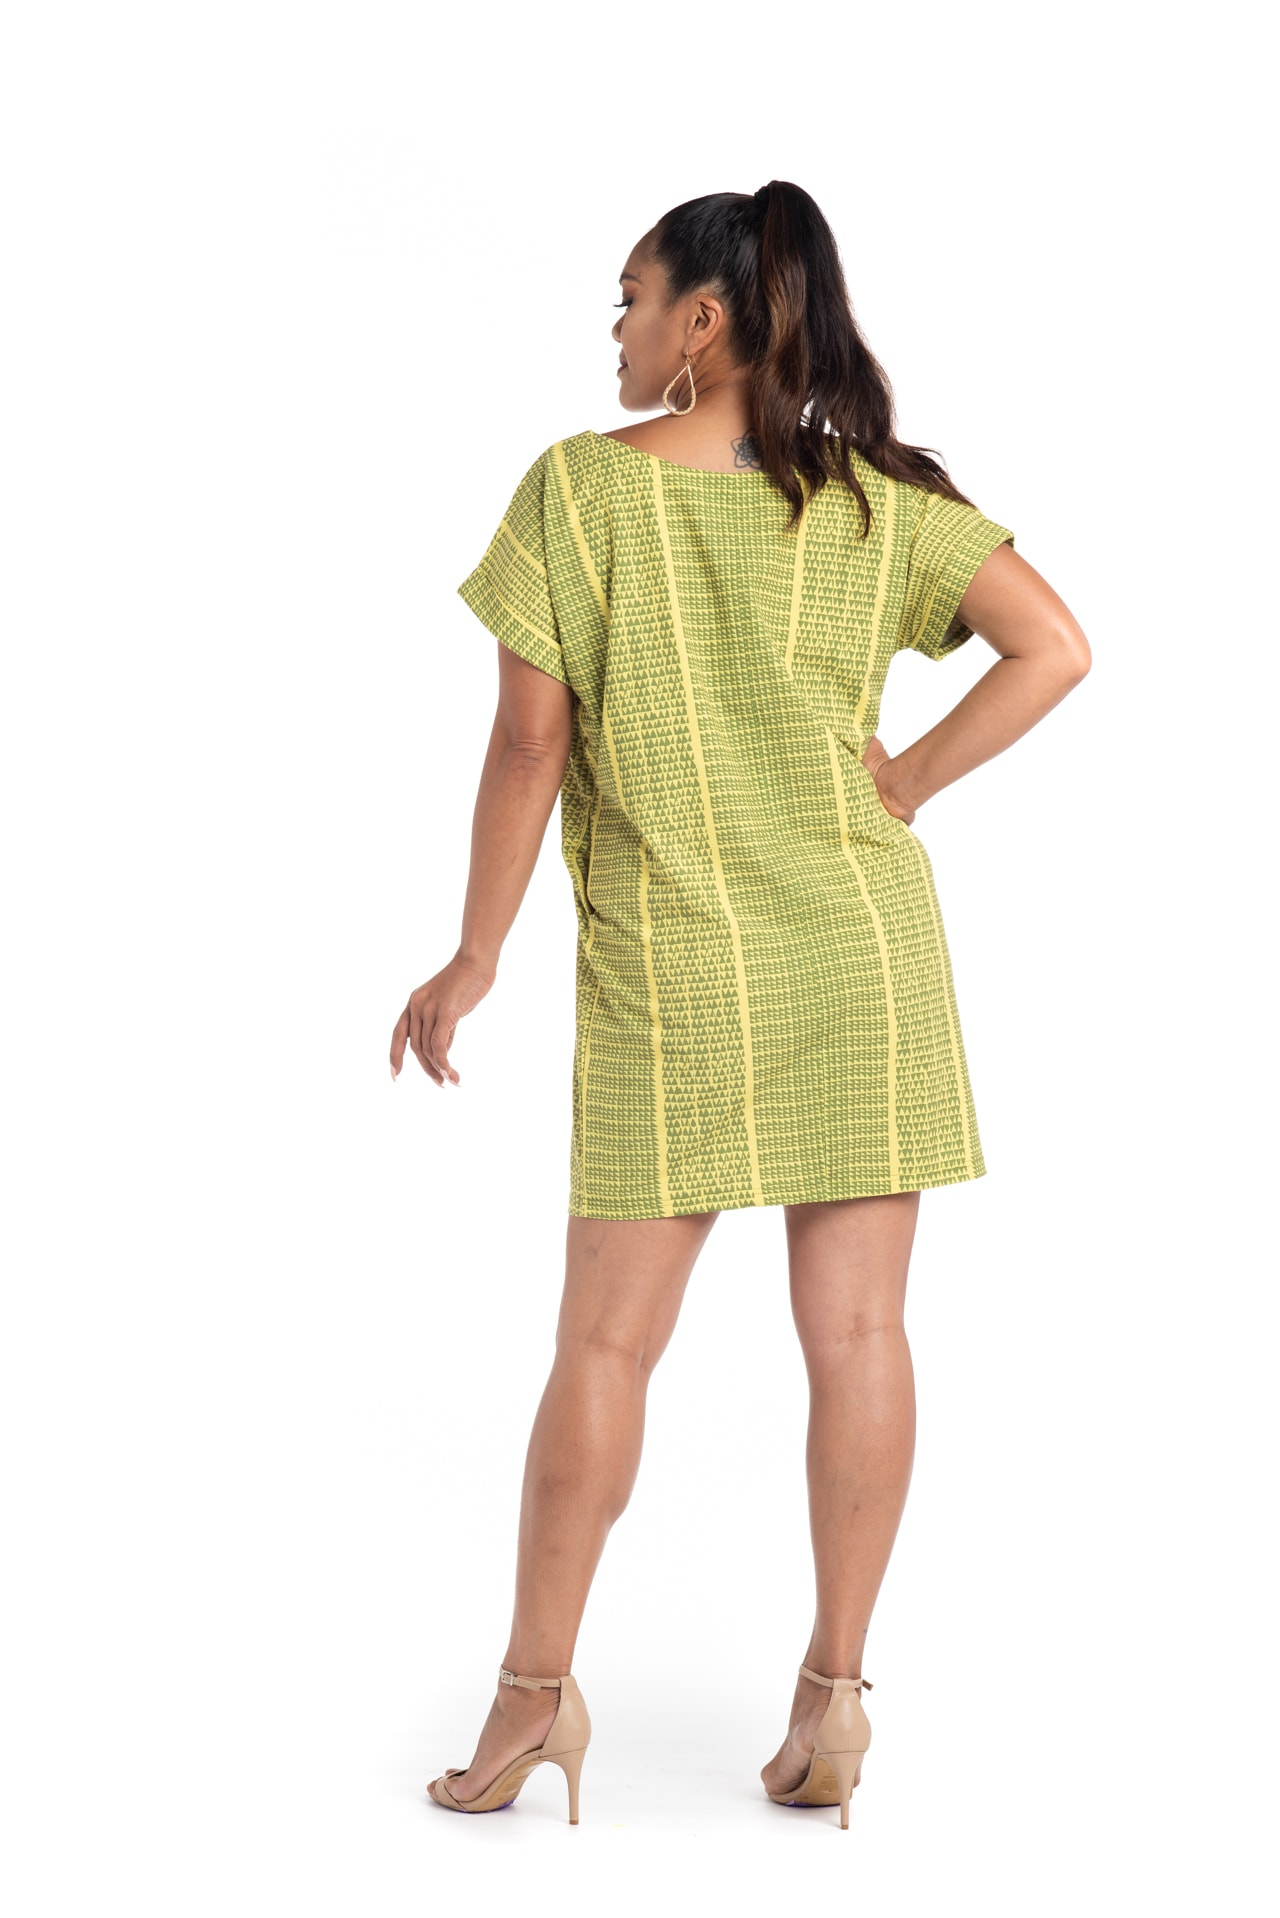 Model wearing Puaniu Shift Dress in Green Niho Ku - Back View